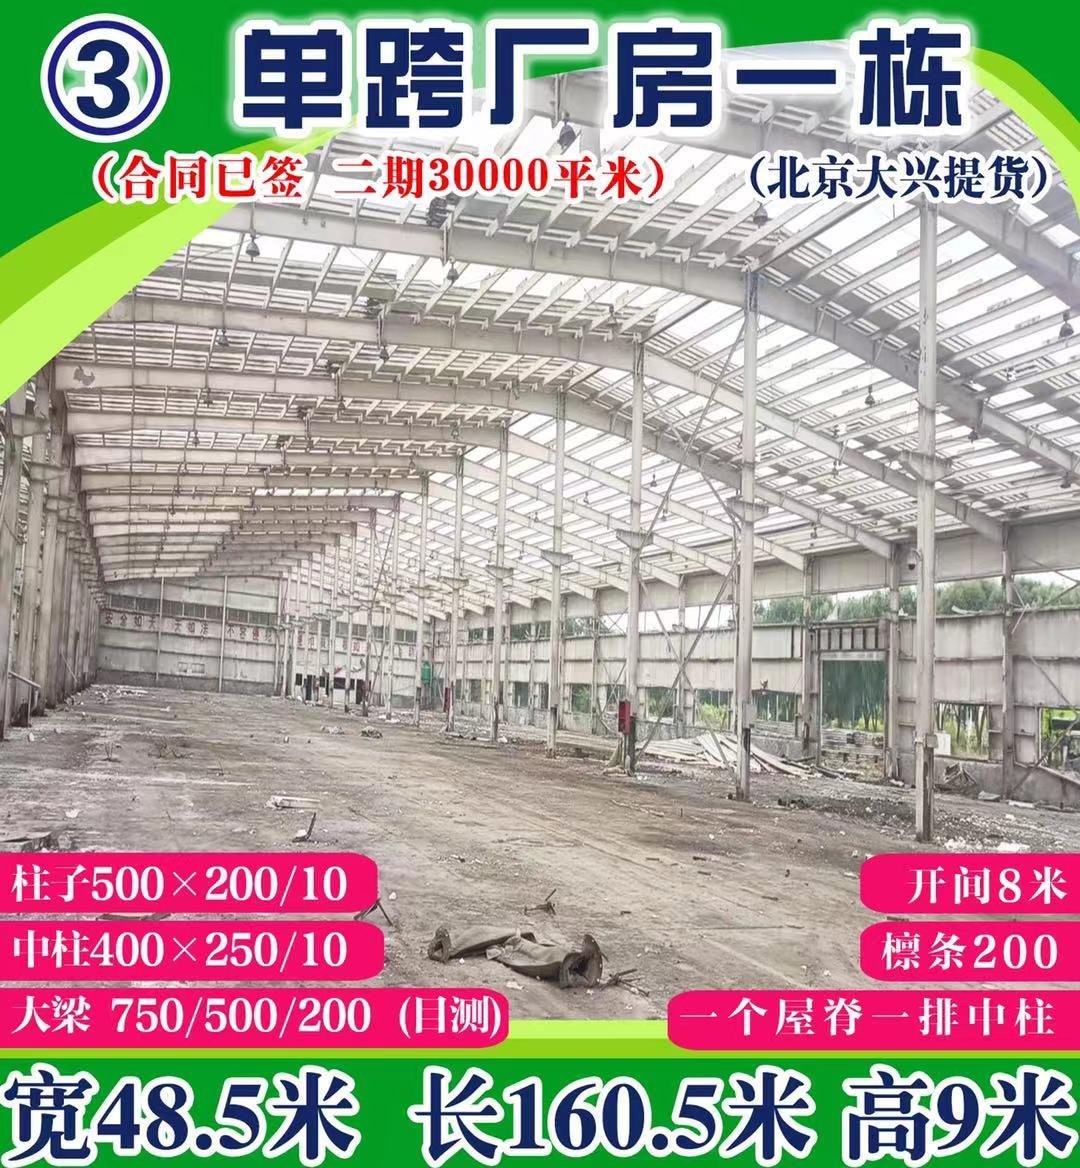 出售单跨厂房一栋 宽48.5米 长160.5米 高9米